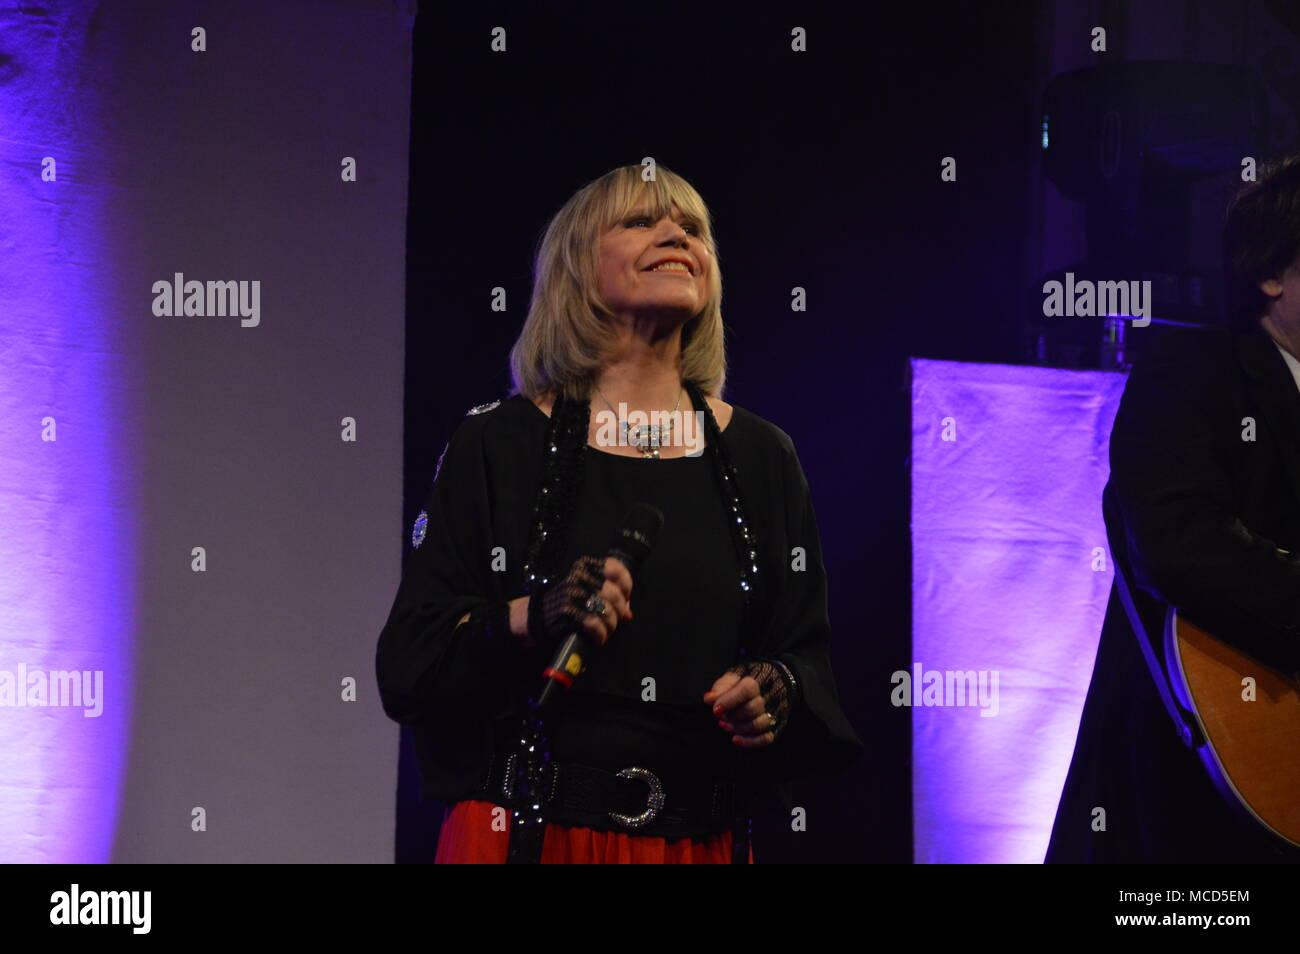 50 Jahre live - Die große Jubiläumstournee Monika Hauff & Klaus ...